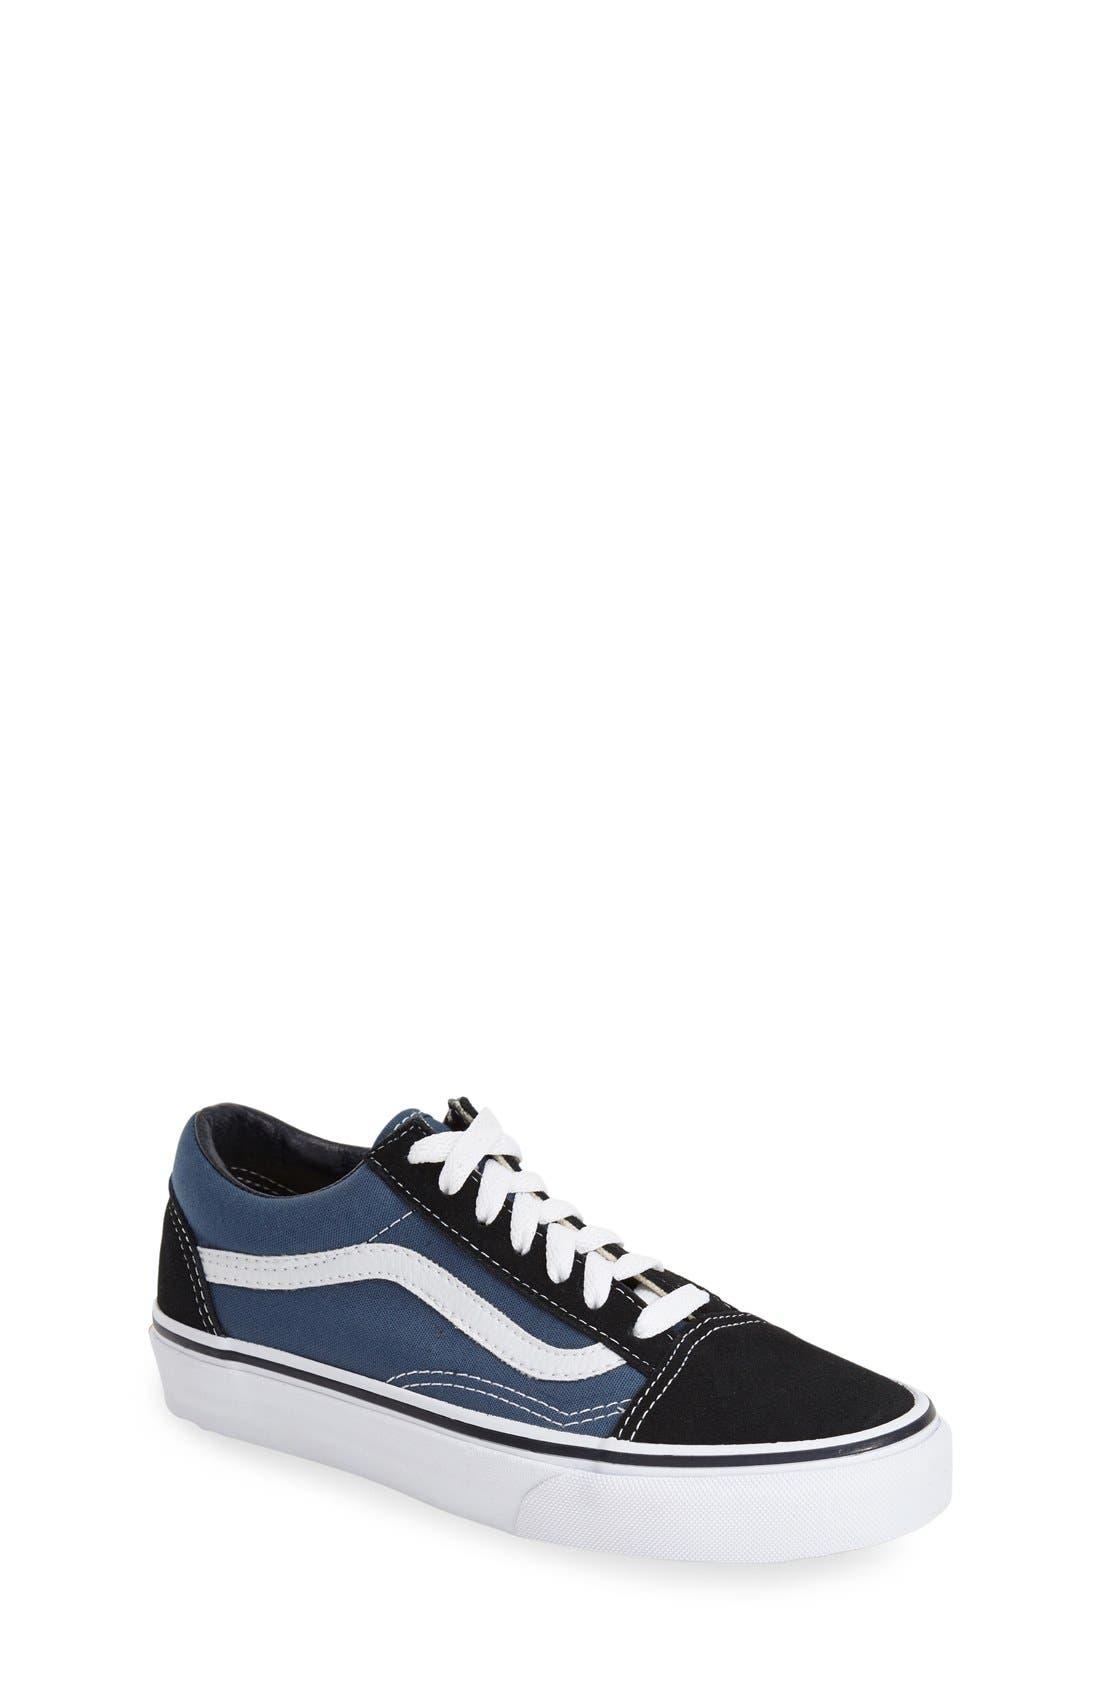 Vans 'Old Skool' Sneaker (Big Kid)